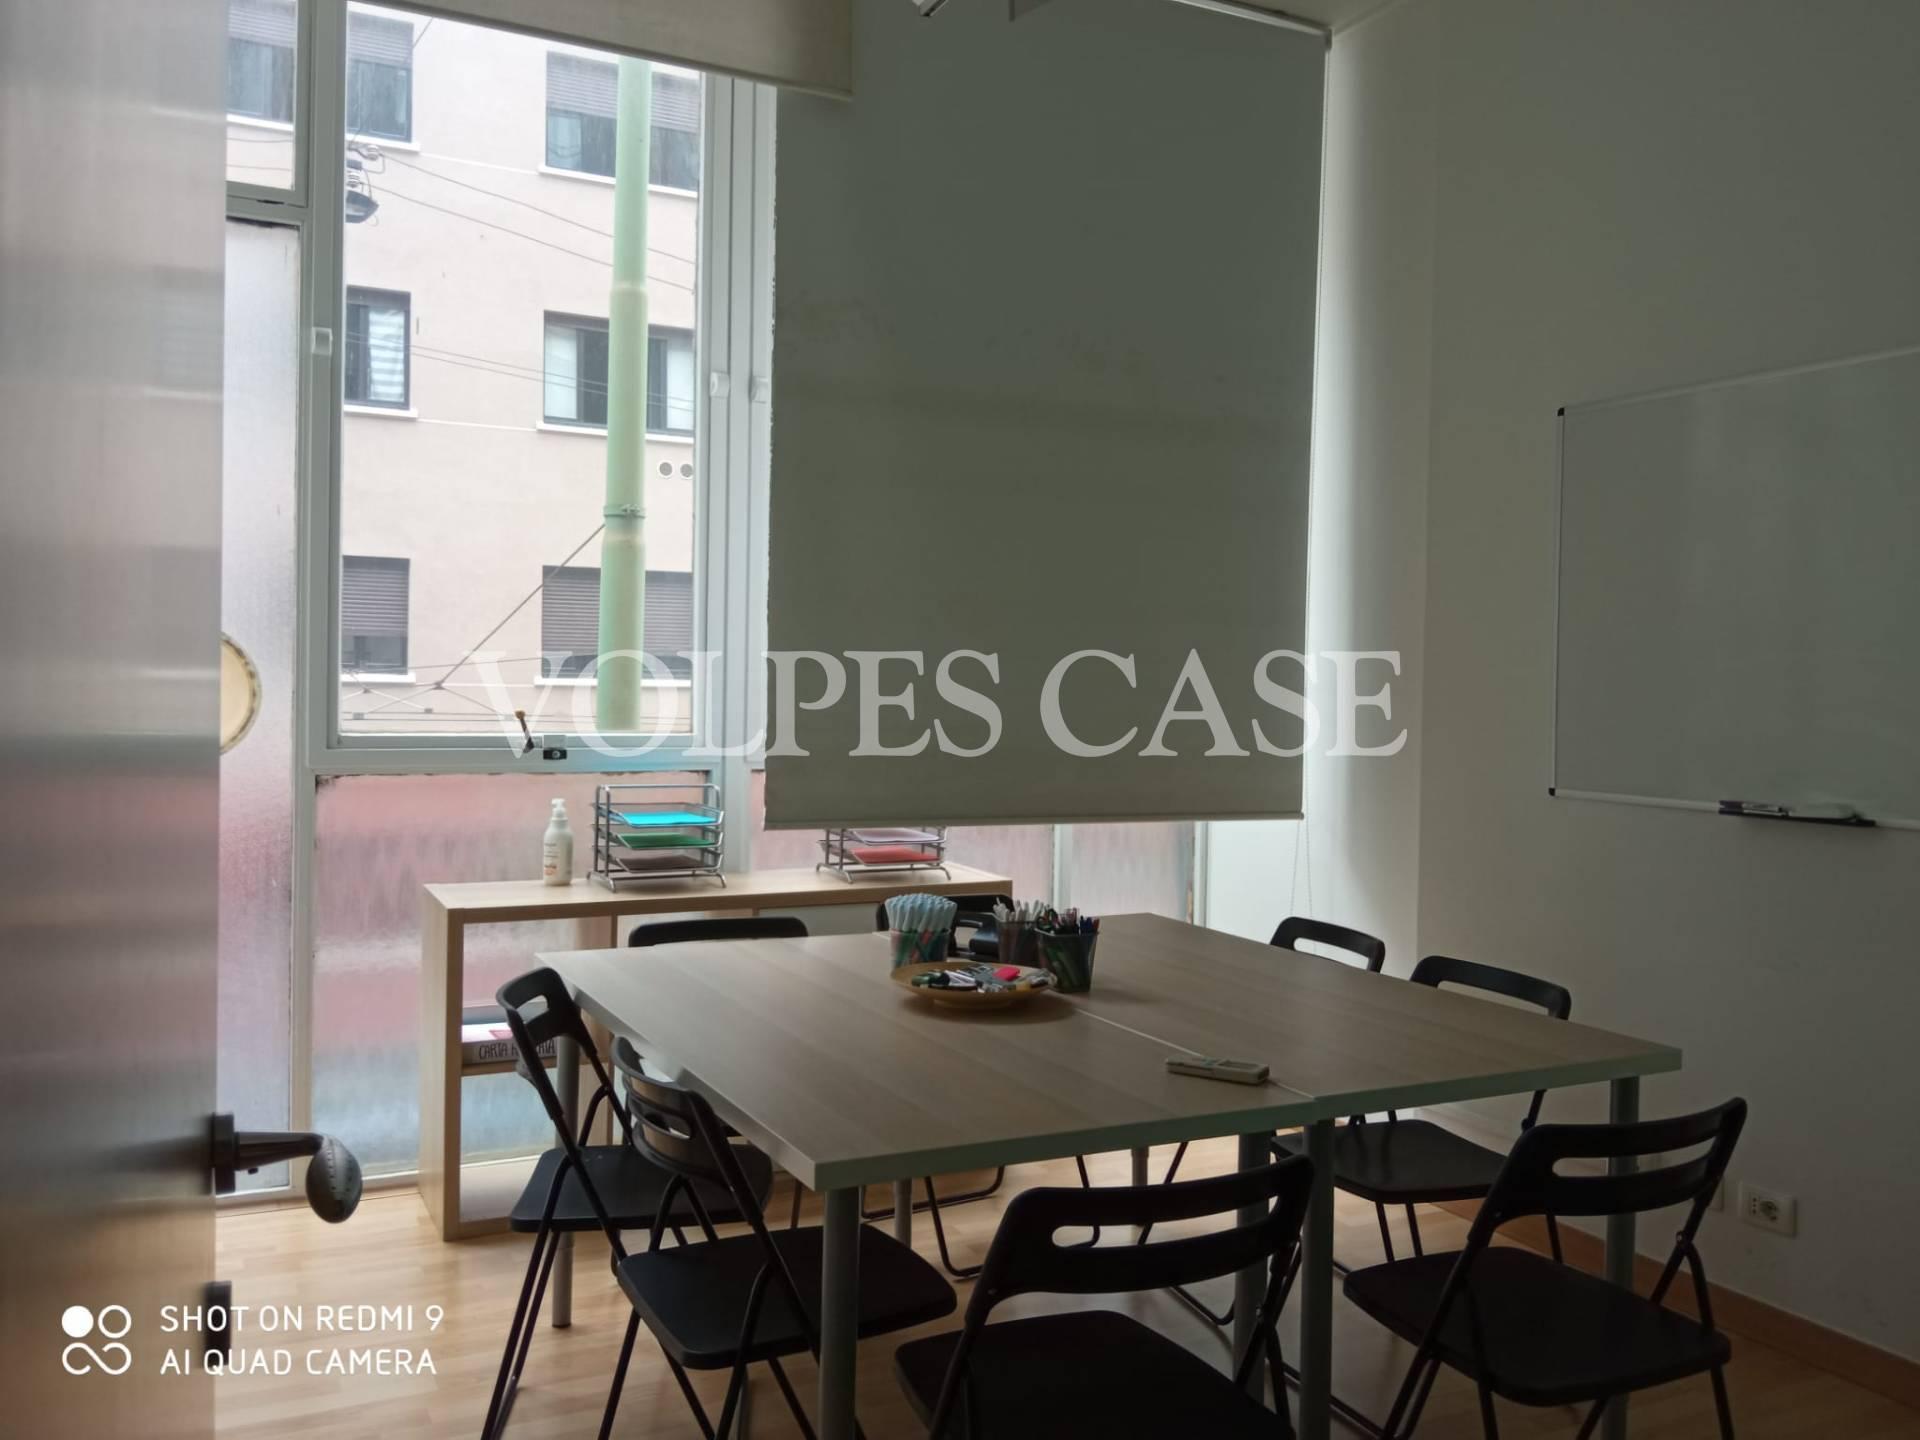 Ufficio in affitto a Solari, Milano (MI)